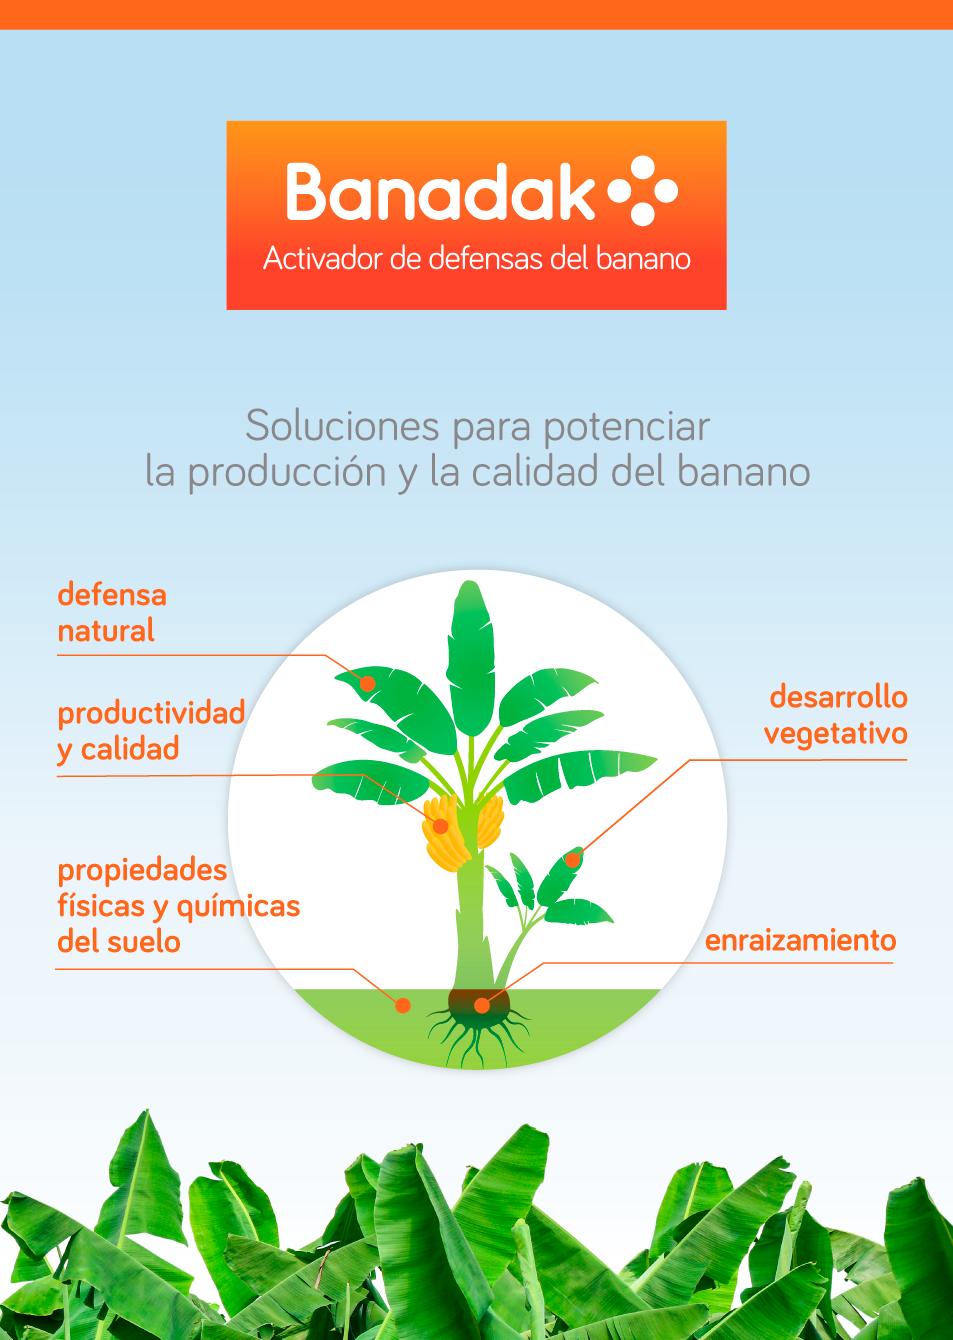 Banadak: Soluciones para potenciar la producción y la calidad del banano